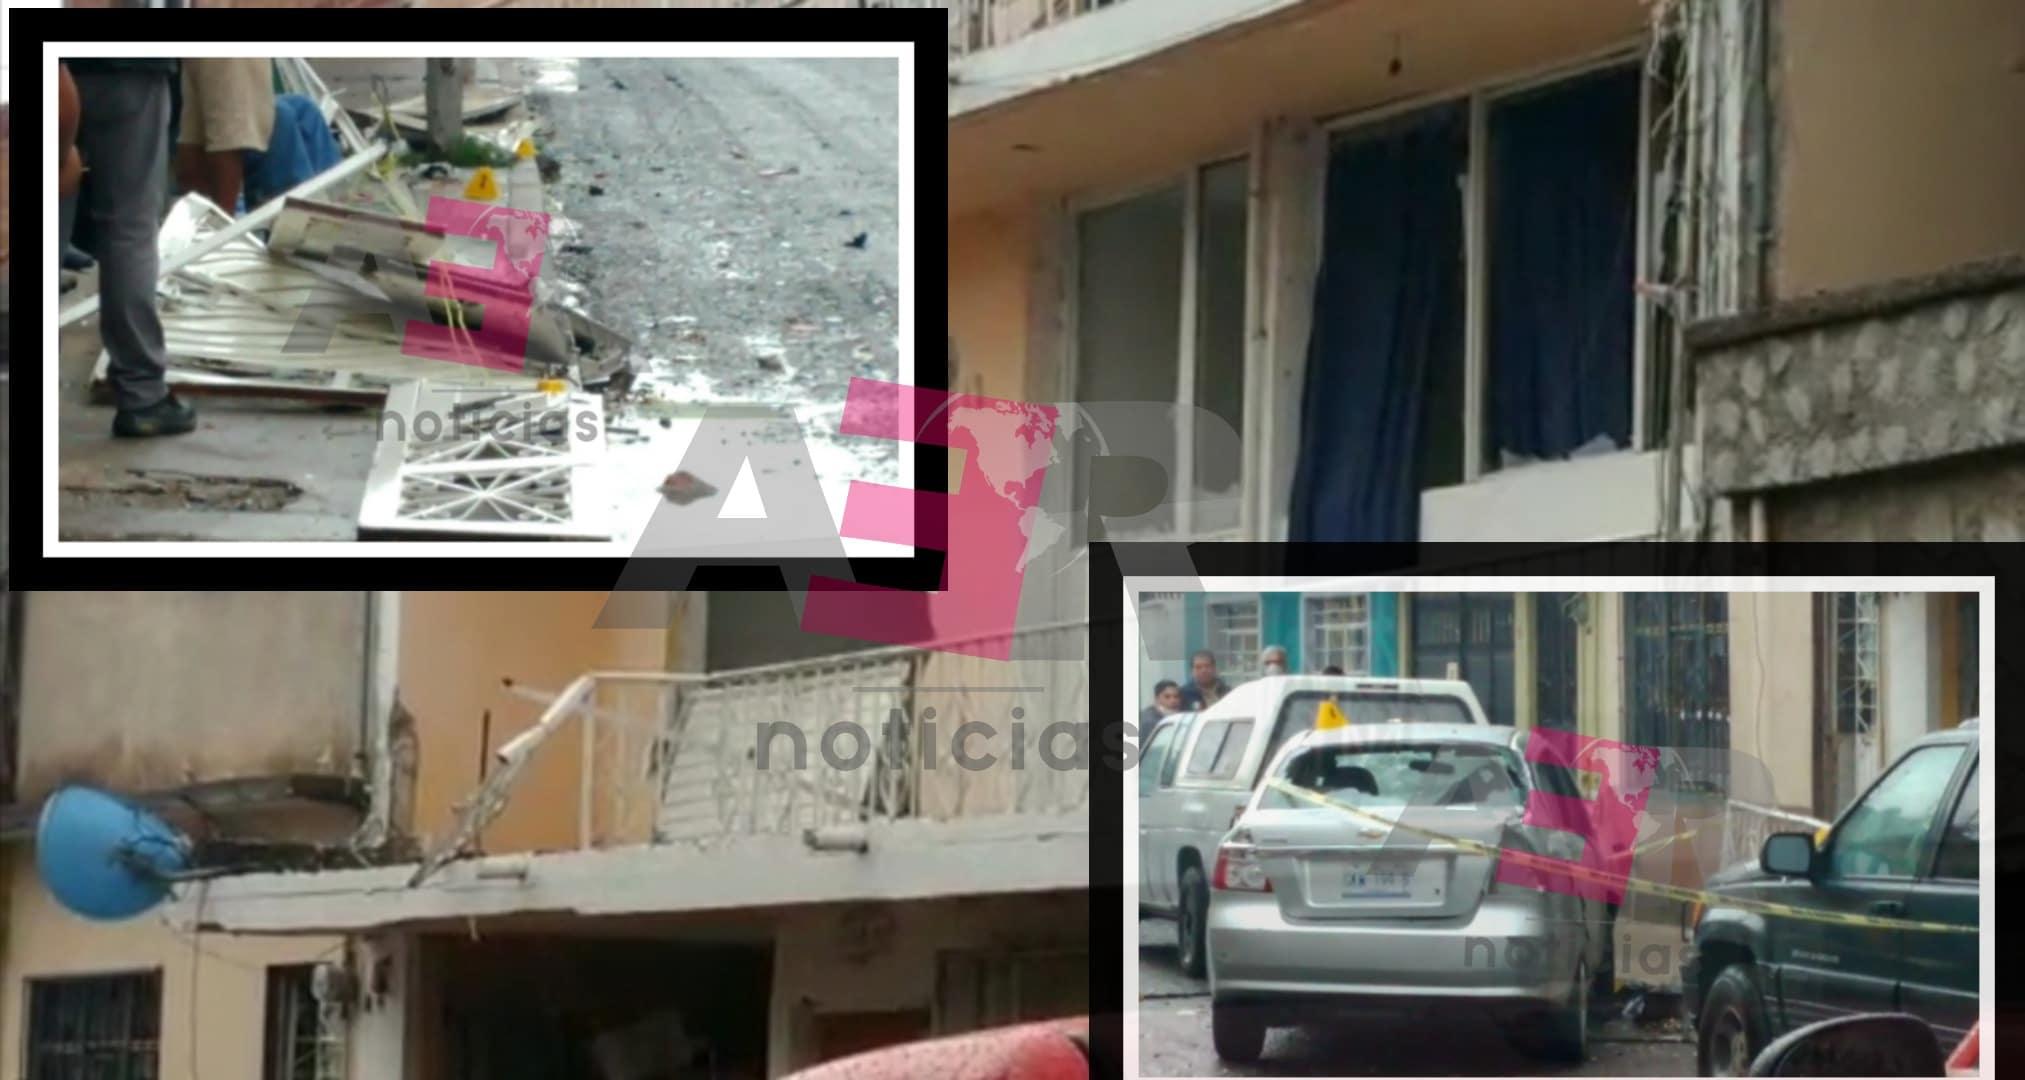 Fuerte explosión en vivienda deja importantes daños materiales y cuatro lesionados 1